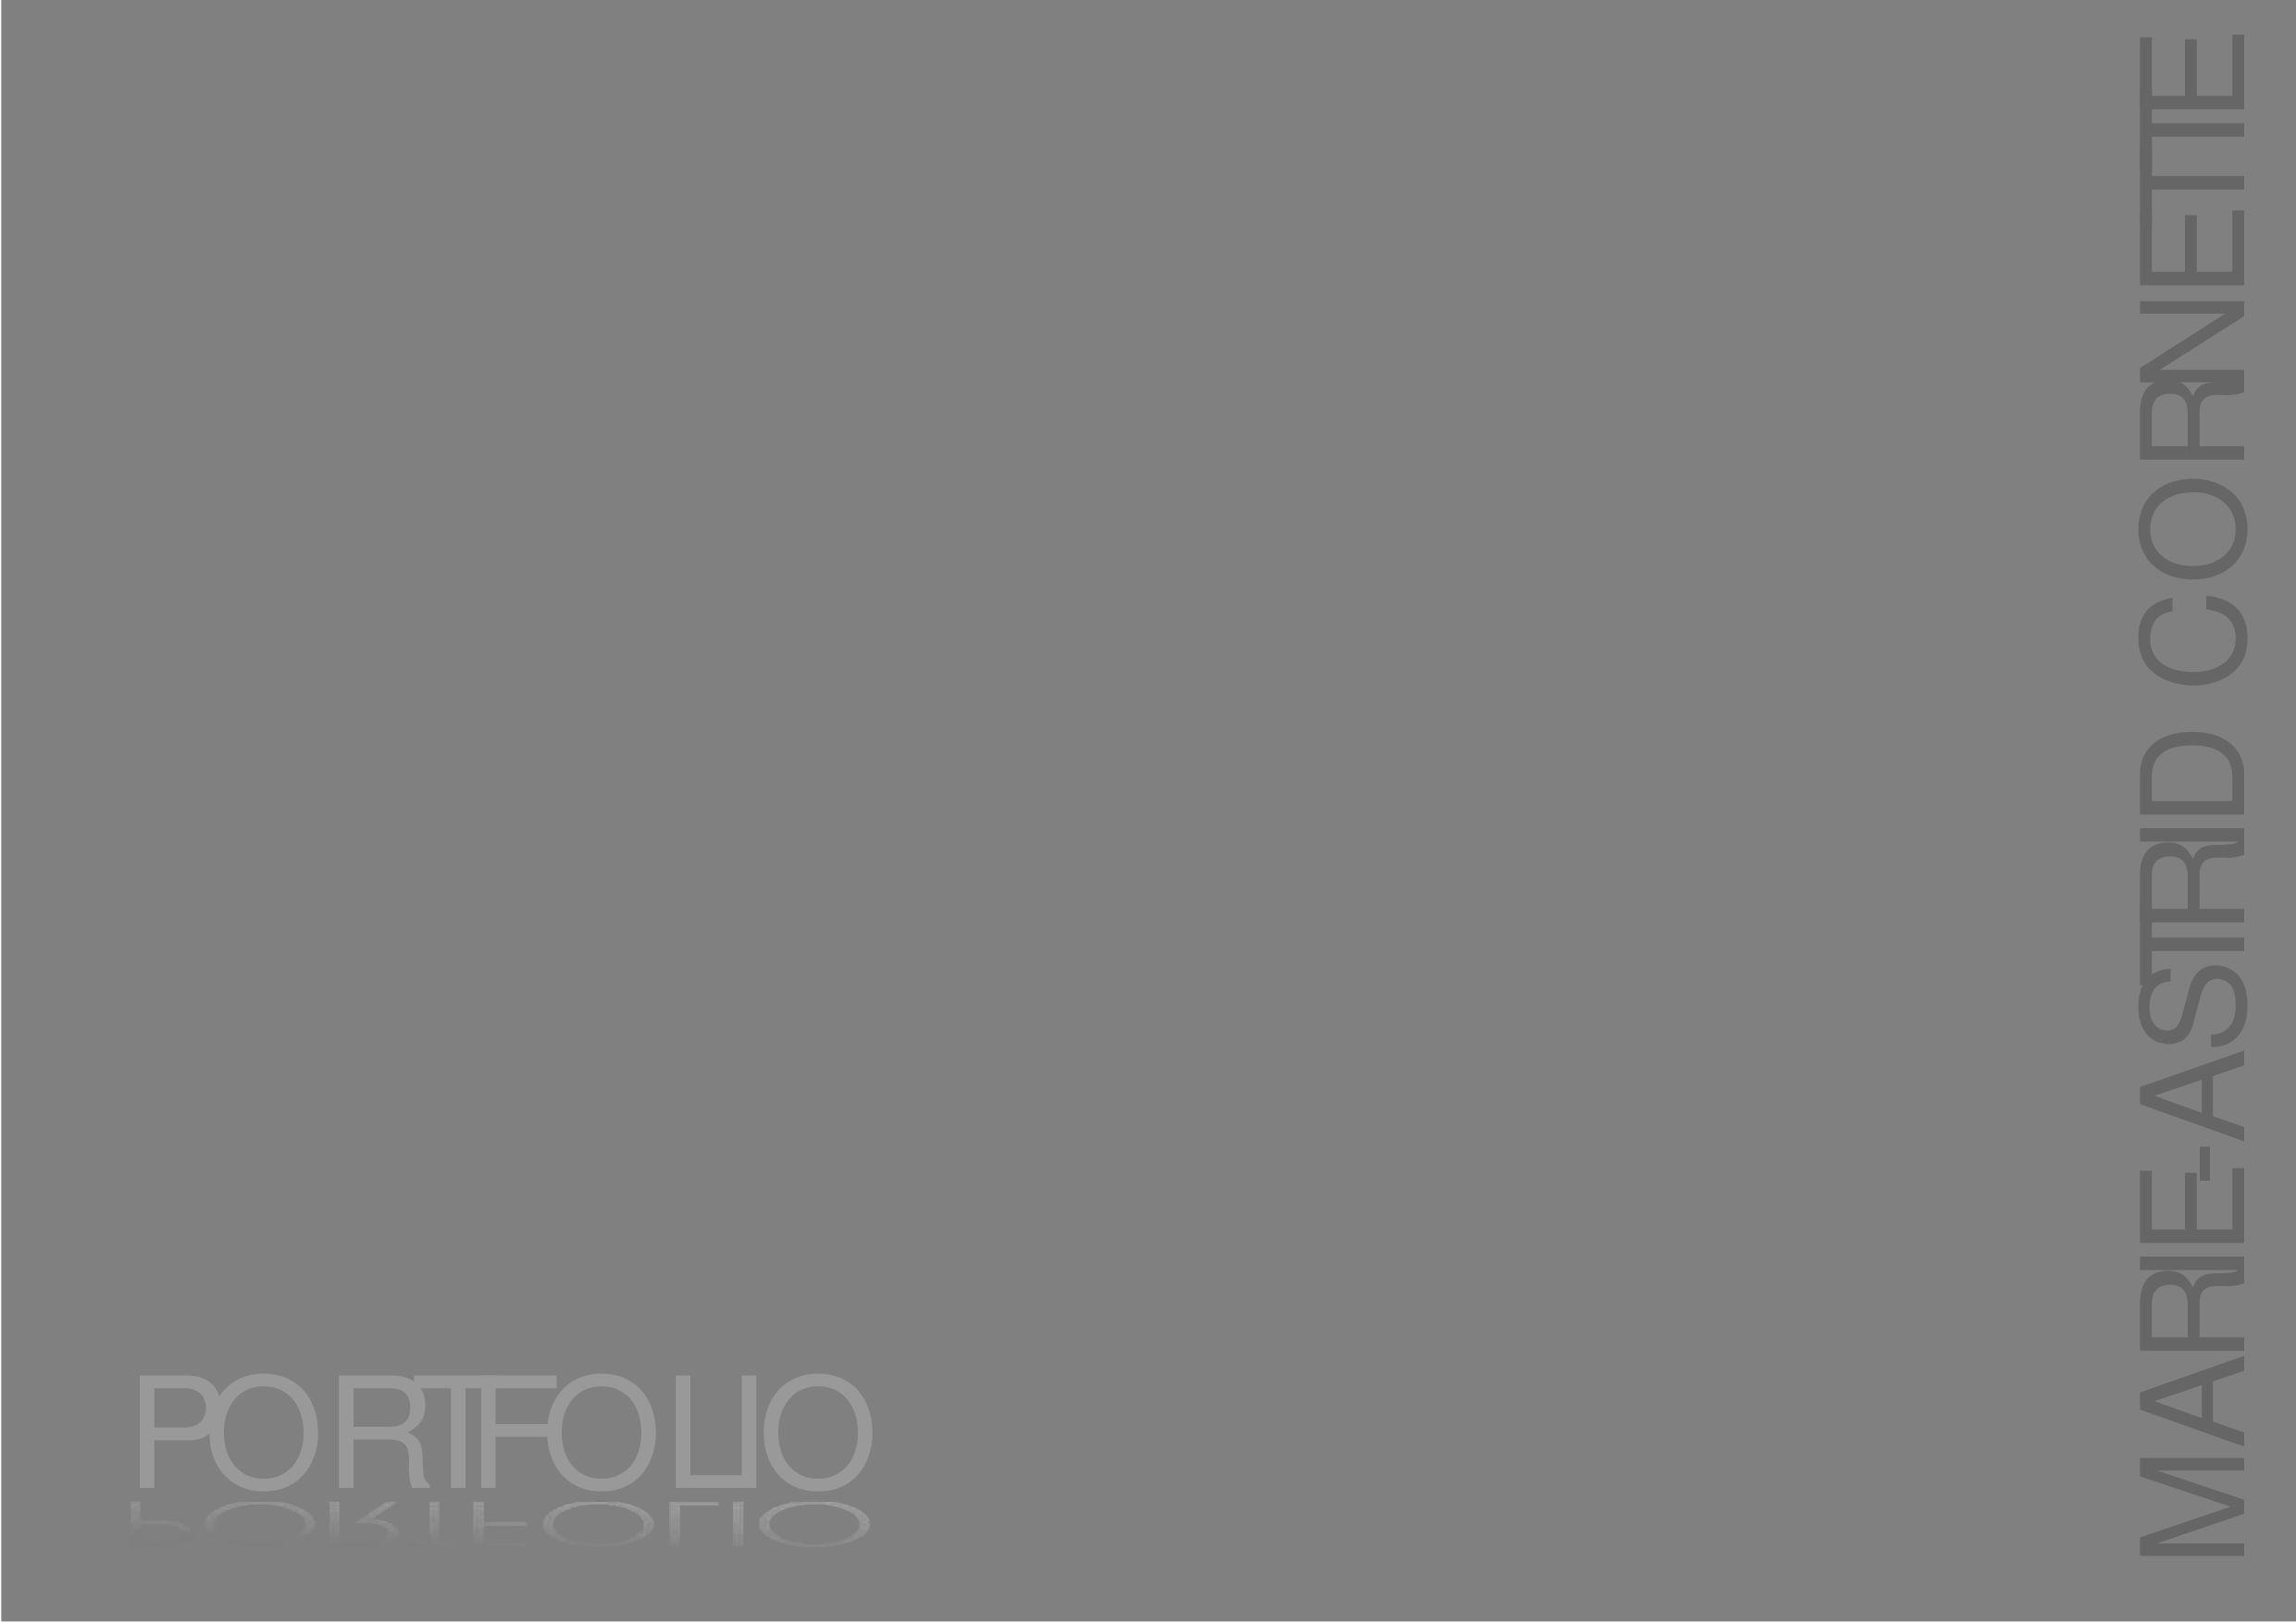 Portfolio architektur by marie cornette issuu for Portfolio architektur